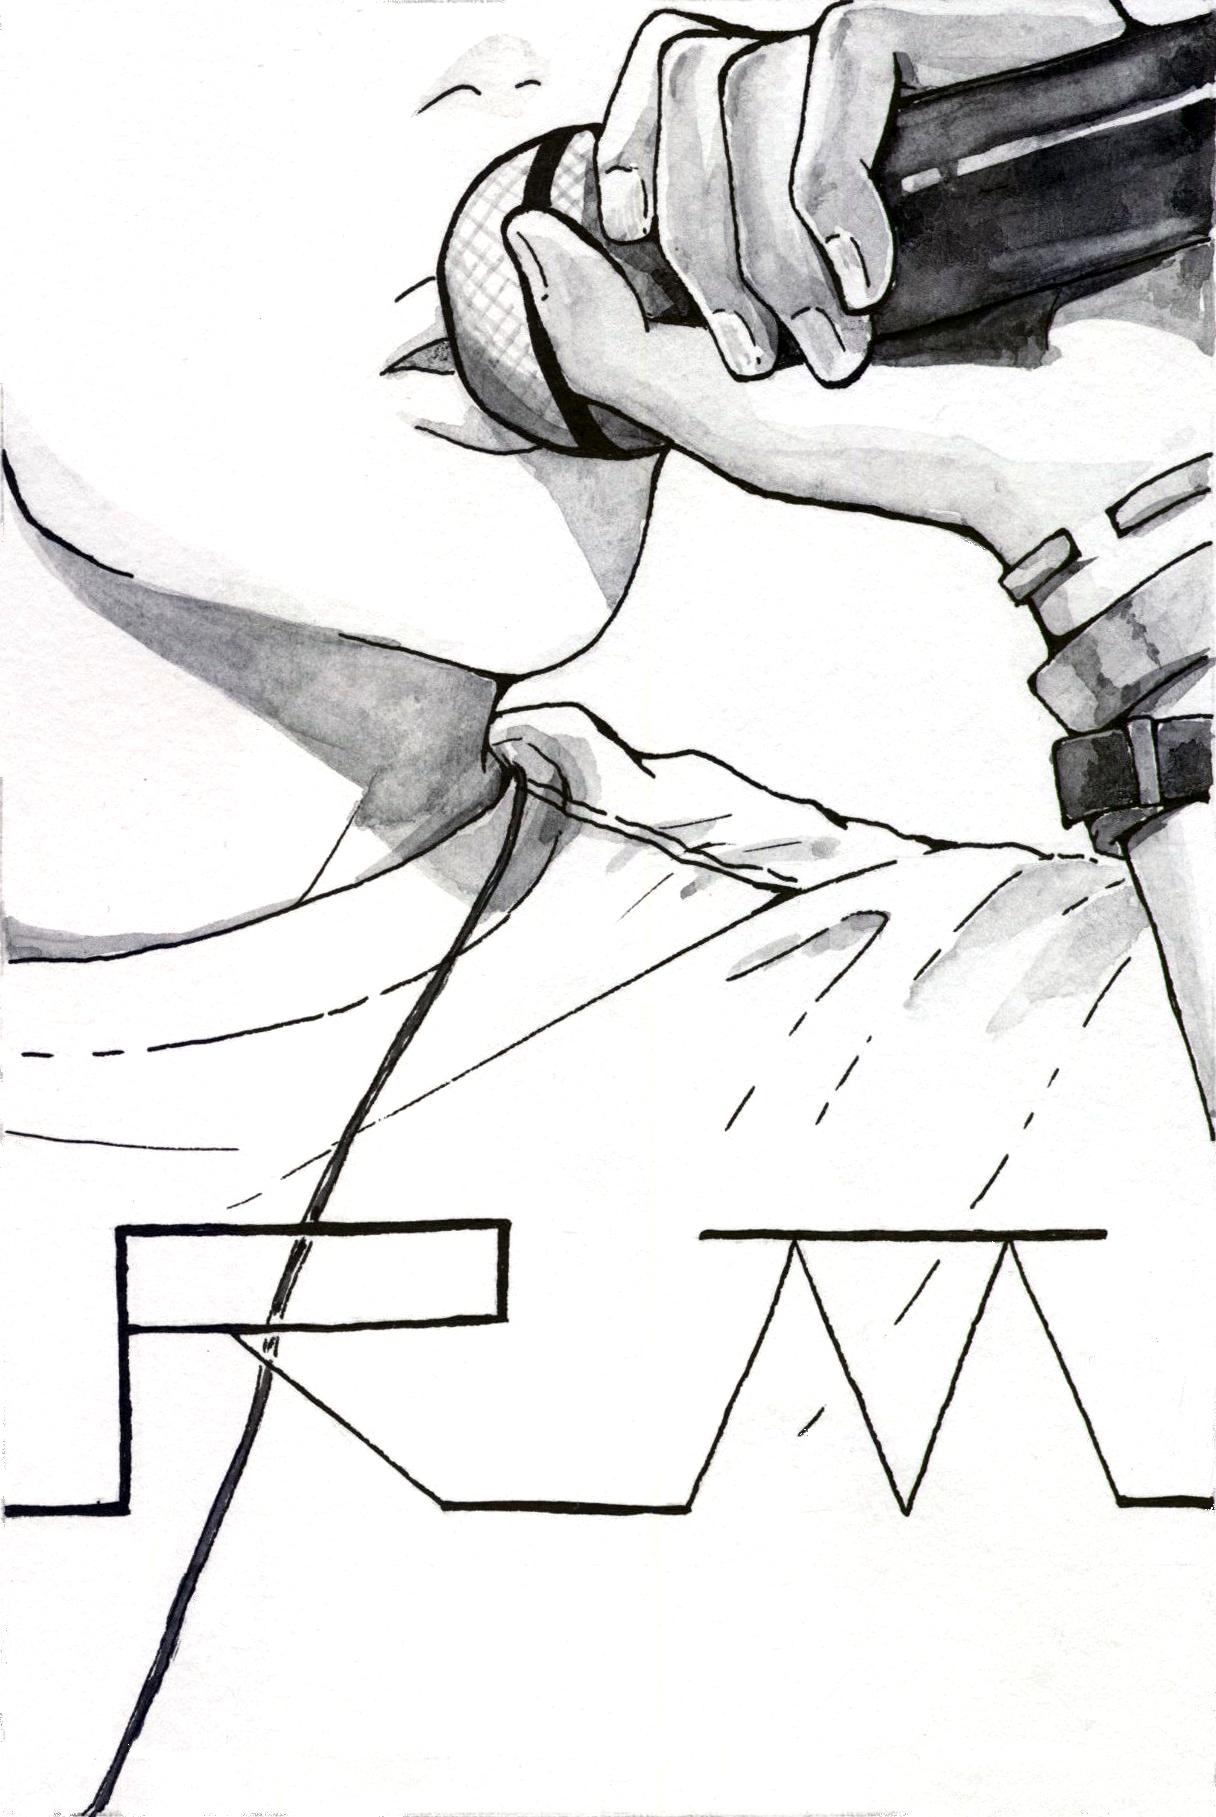 海报设计 | Poster Design